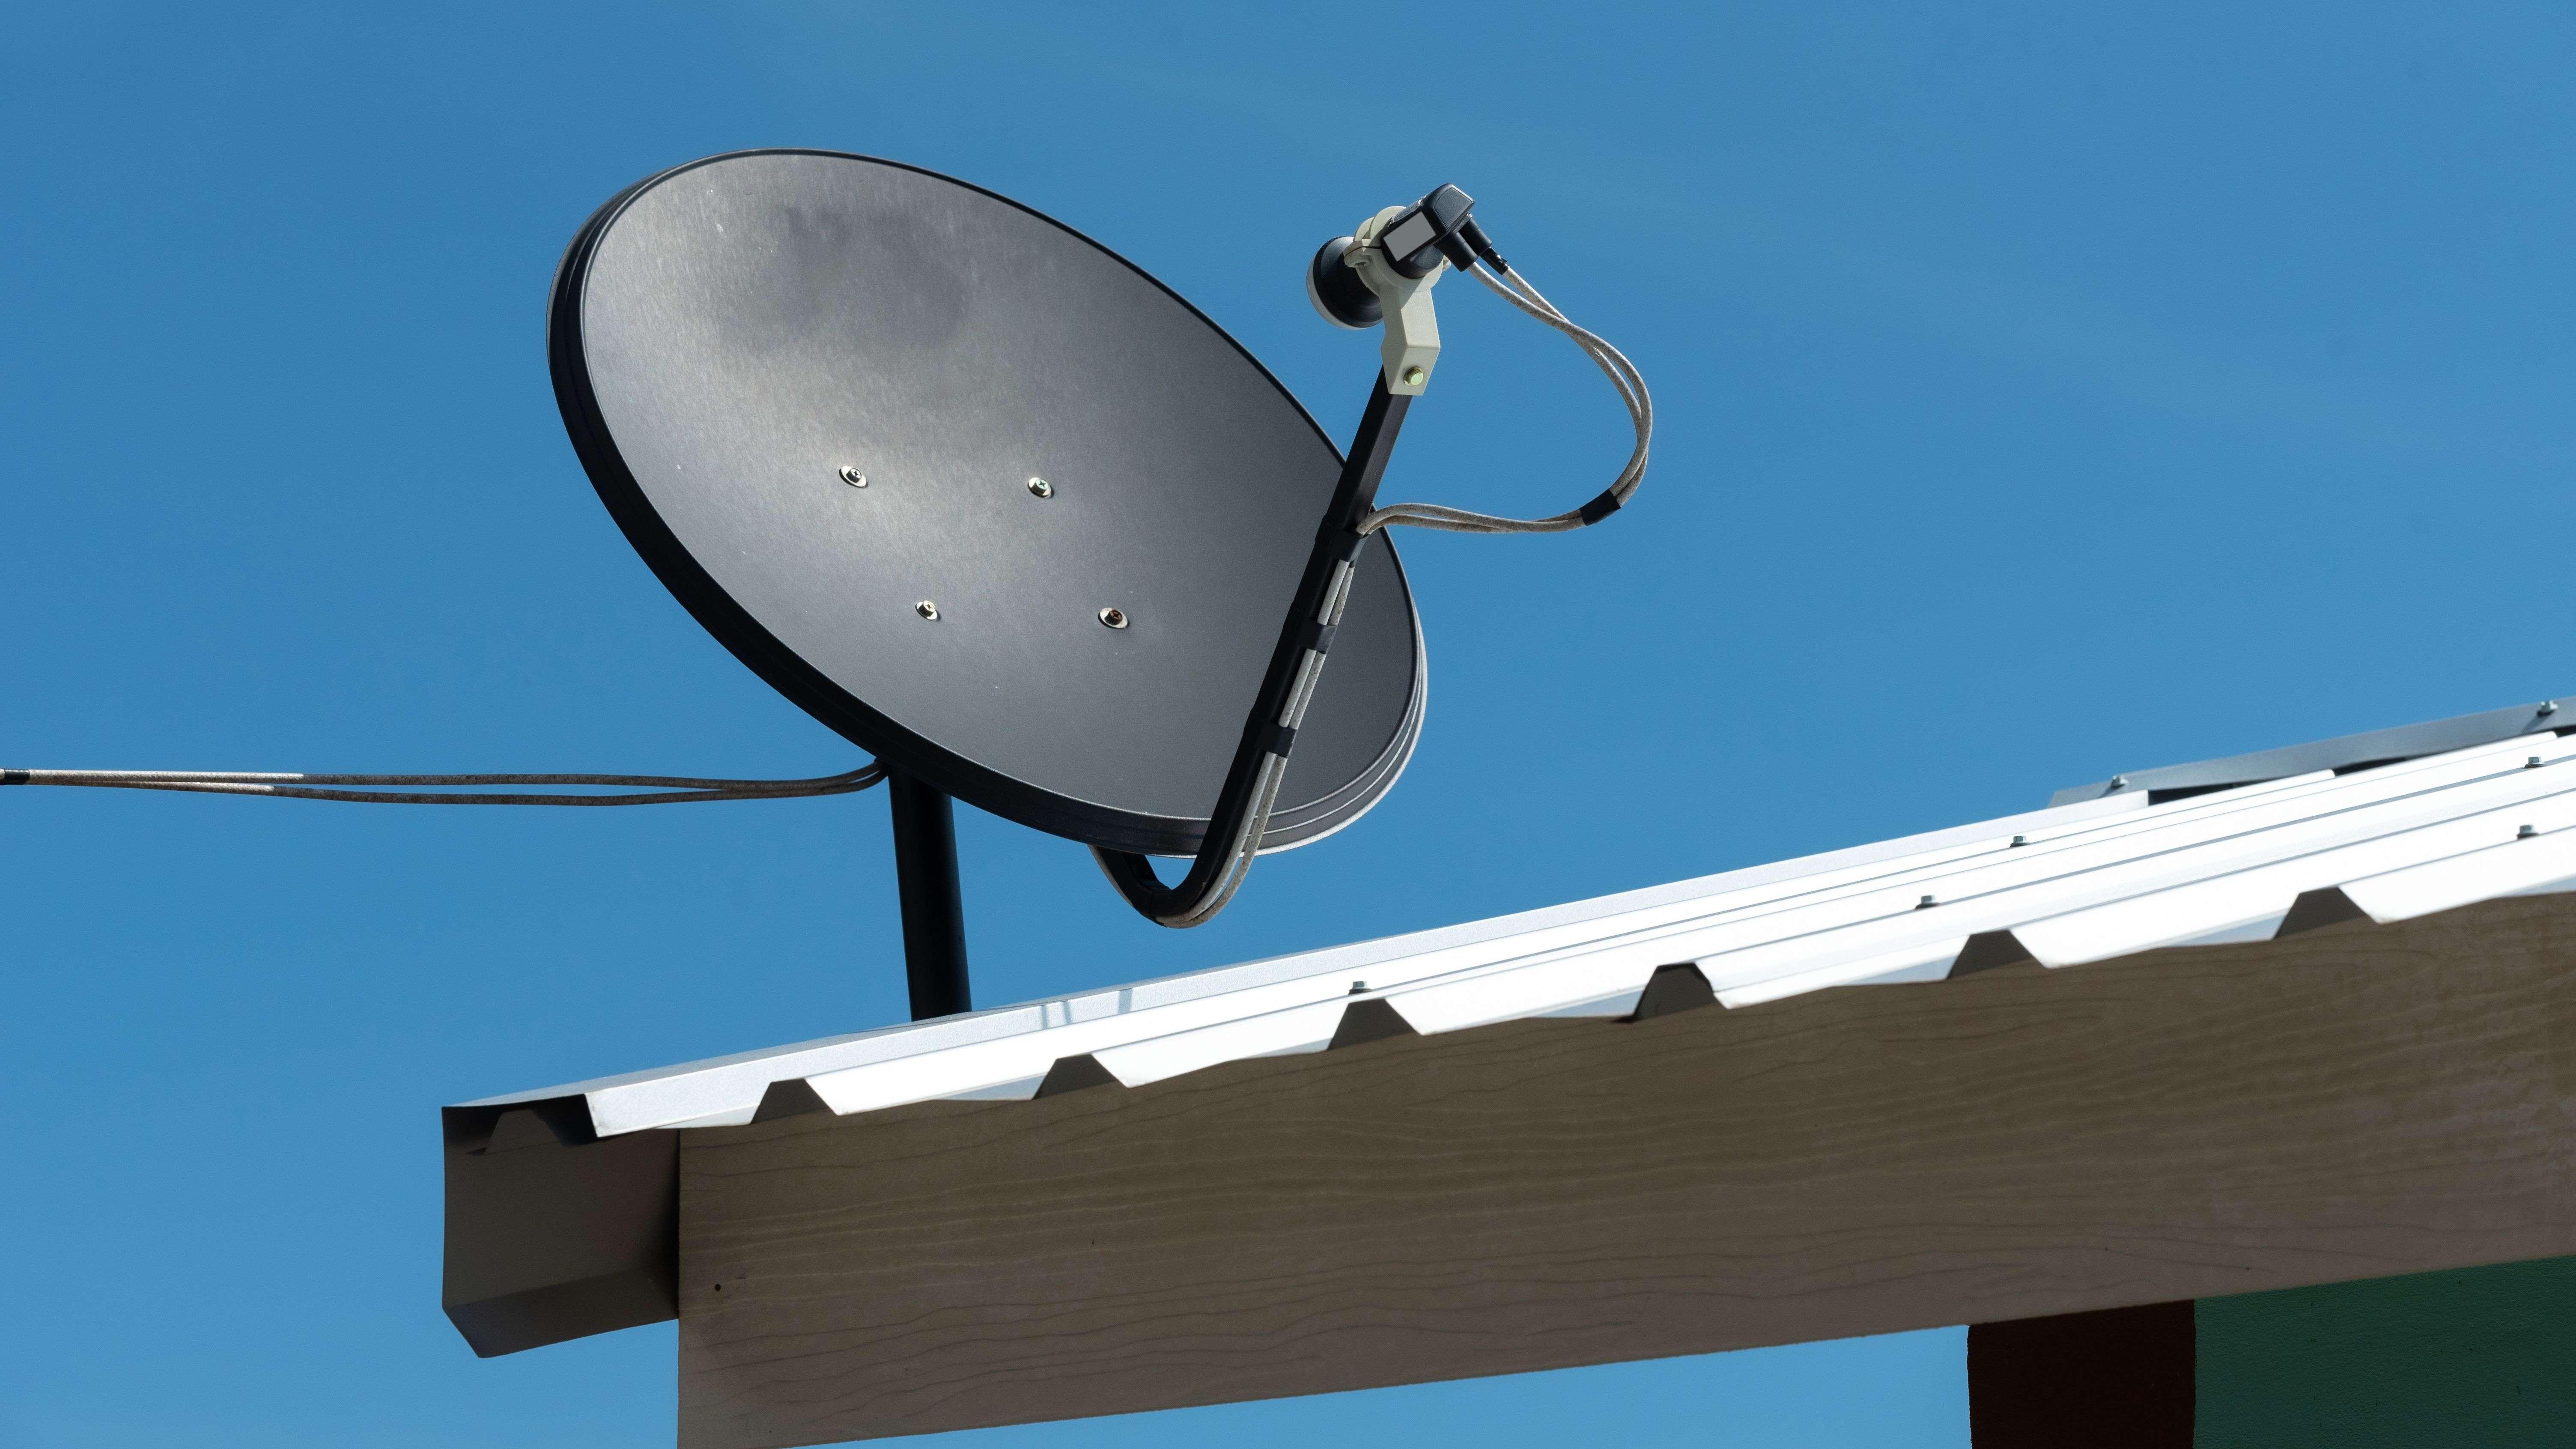 Comment installer  une antenne parabolique